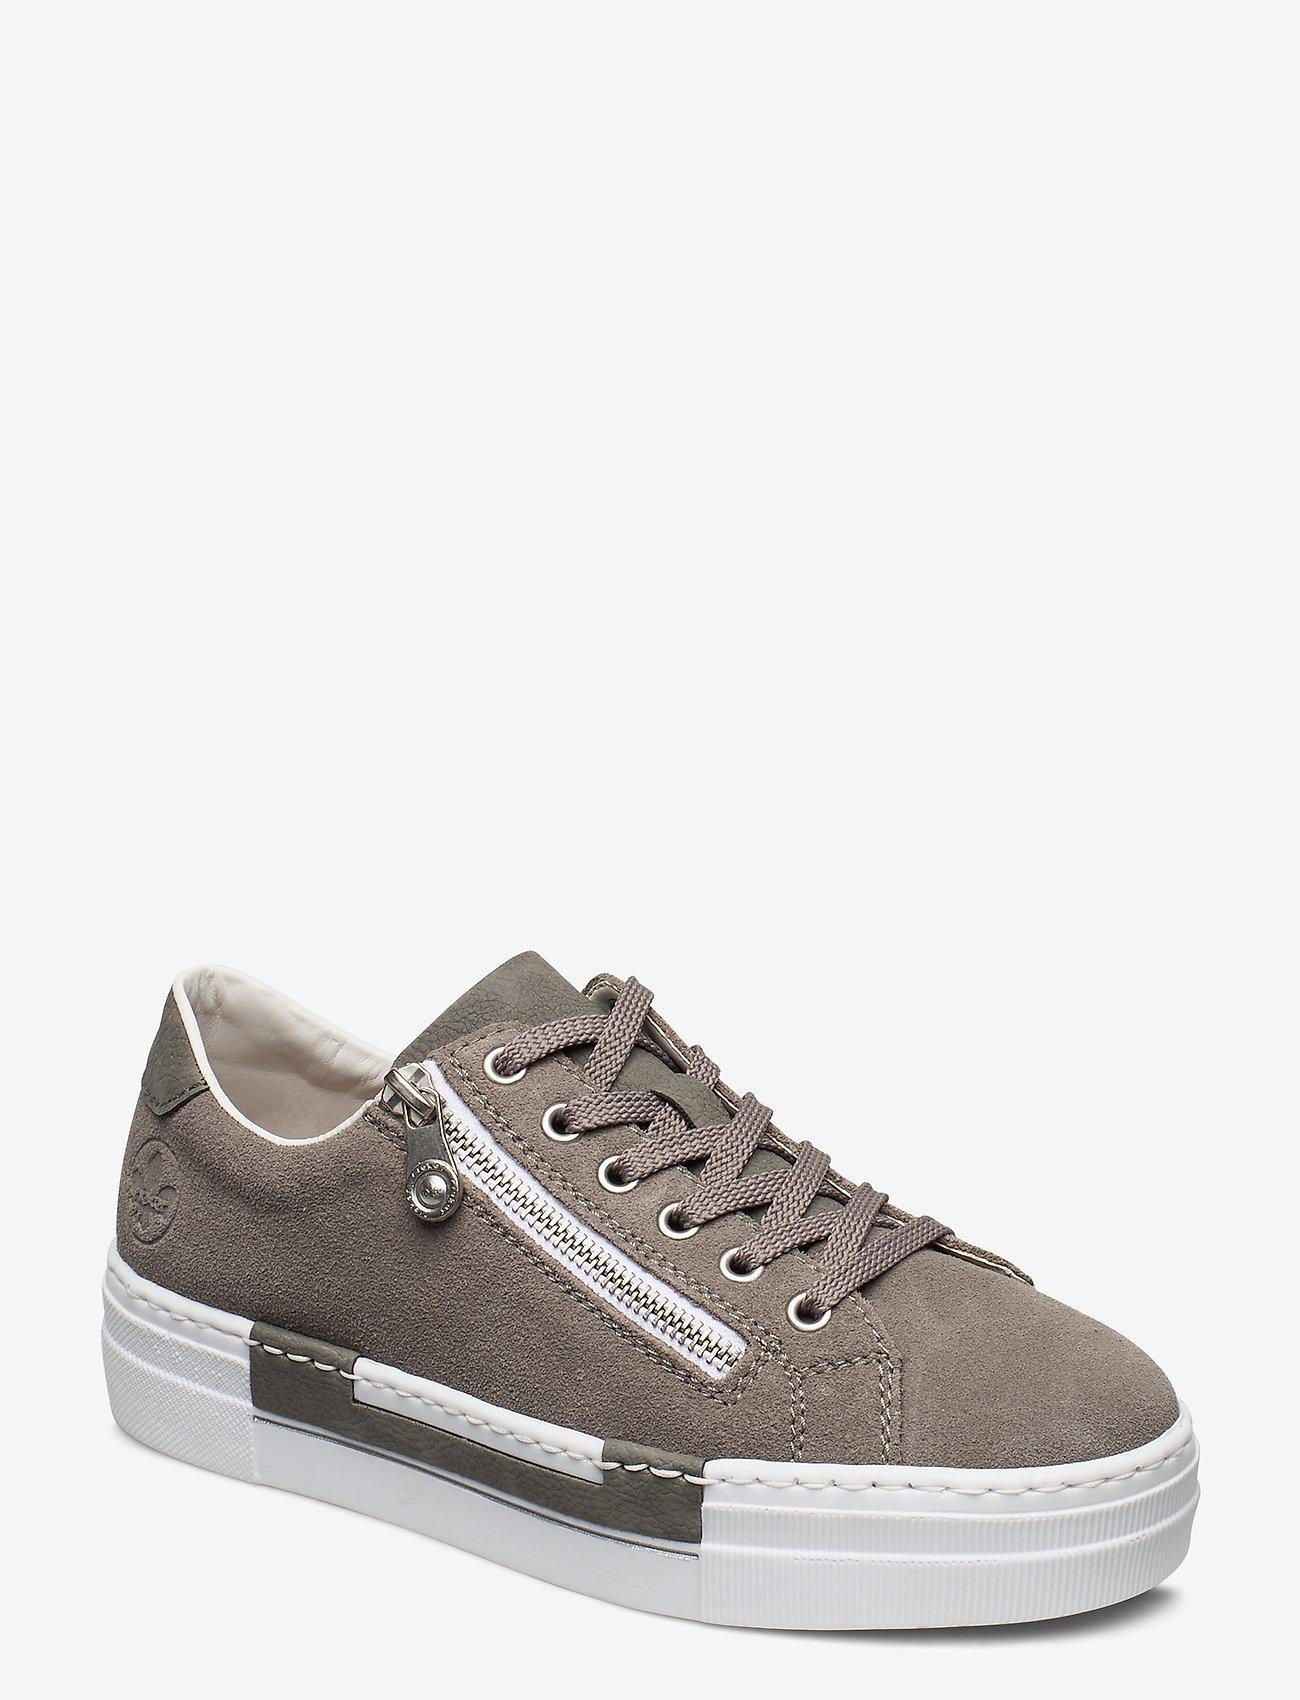 Rieker - N4921-42 - low top sneakers - grey